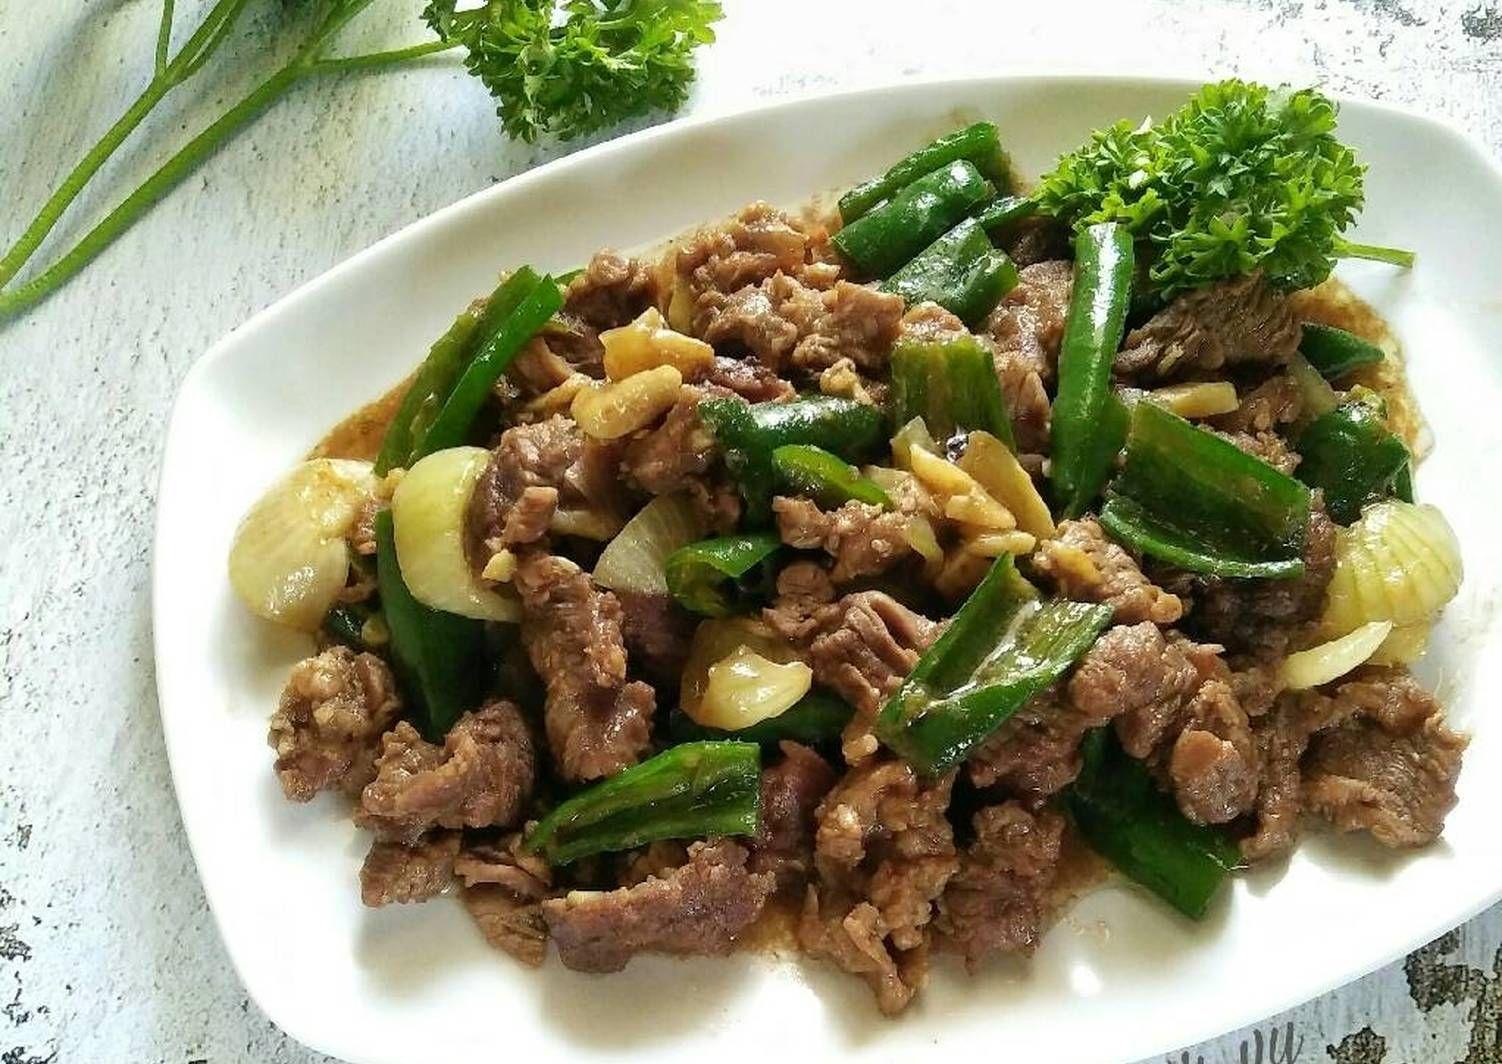 Resep Simply Beef Yakiniku Kitaberbagi Oleh Dapurvy Resep Resep Masakan Jepang Resep Makanan Masakan